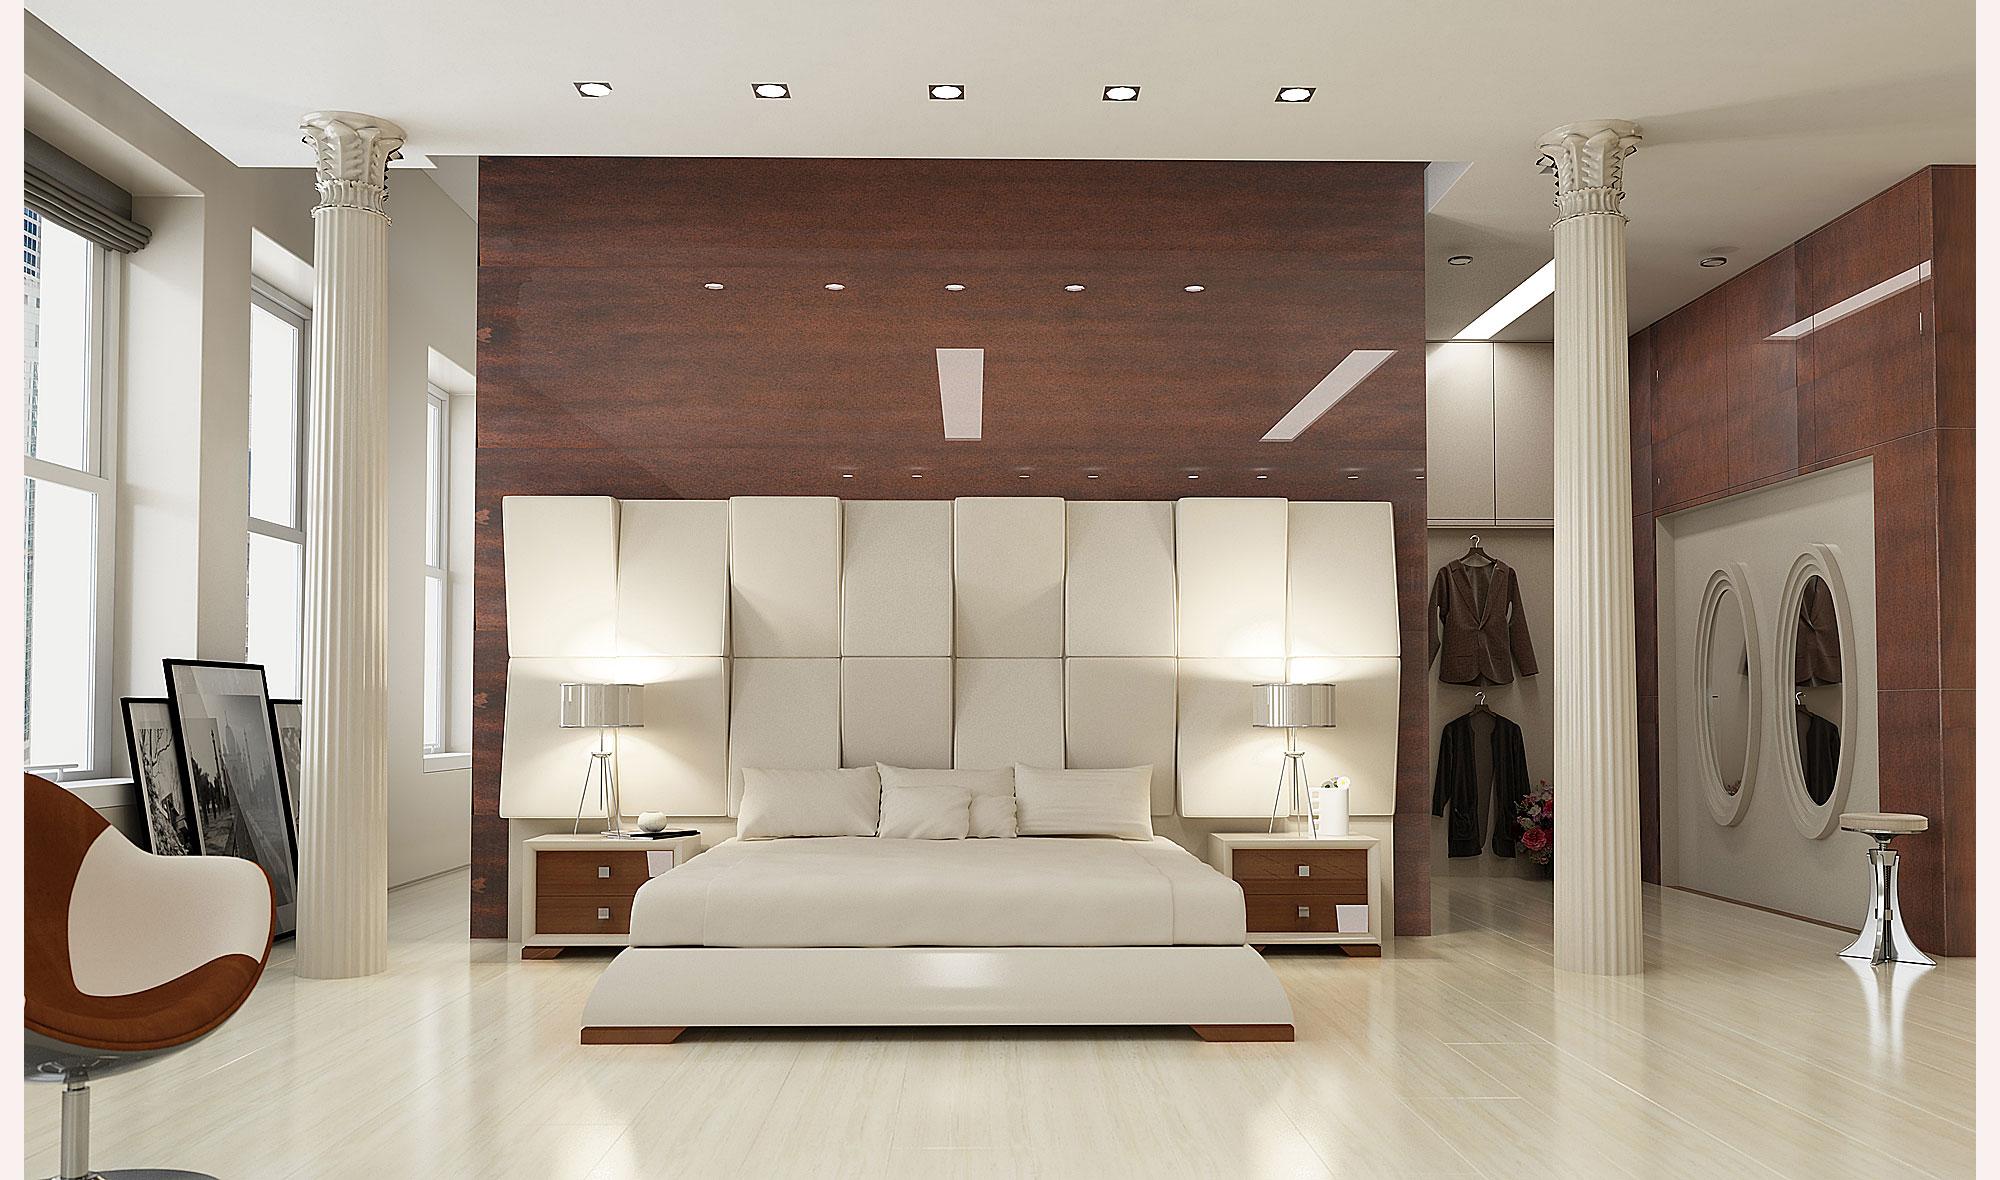 Cabeceros y camas de madera de lujo en portobellodeluxe tu tienda de decoraci n de lujo - Cabeceros coloniales ...